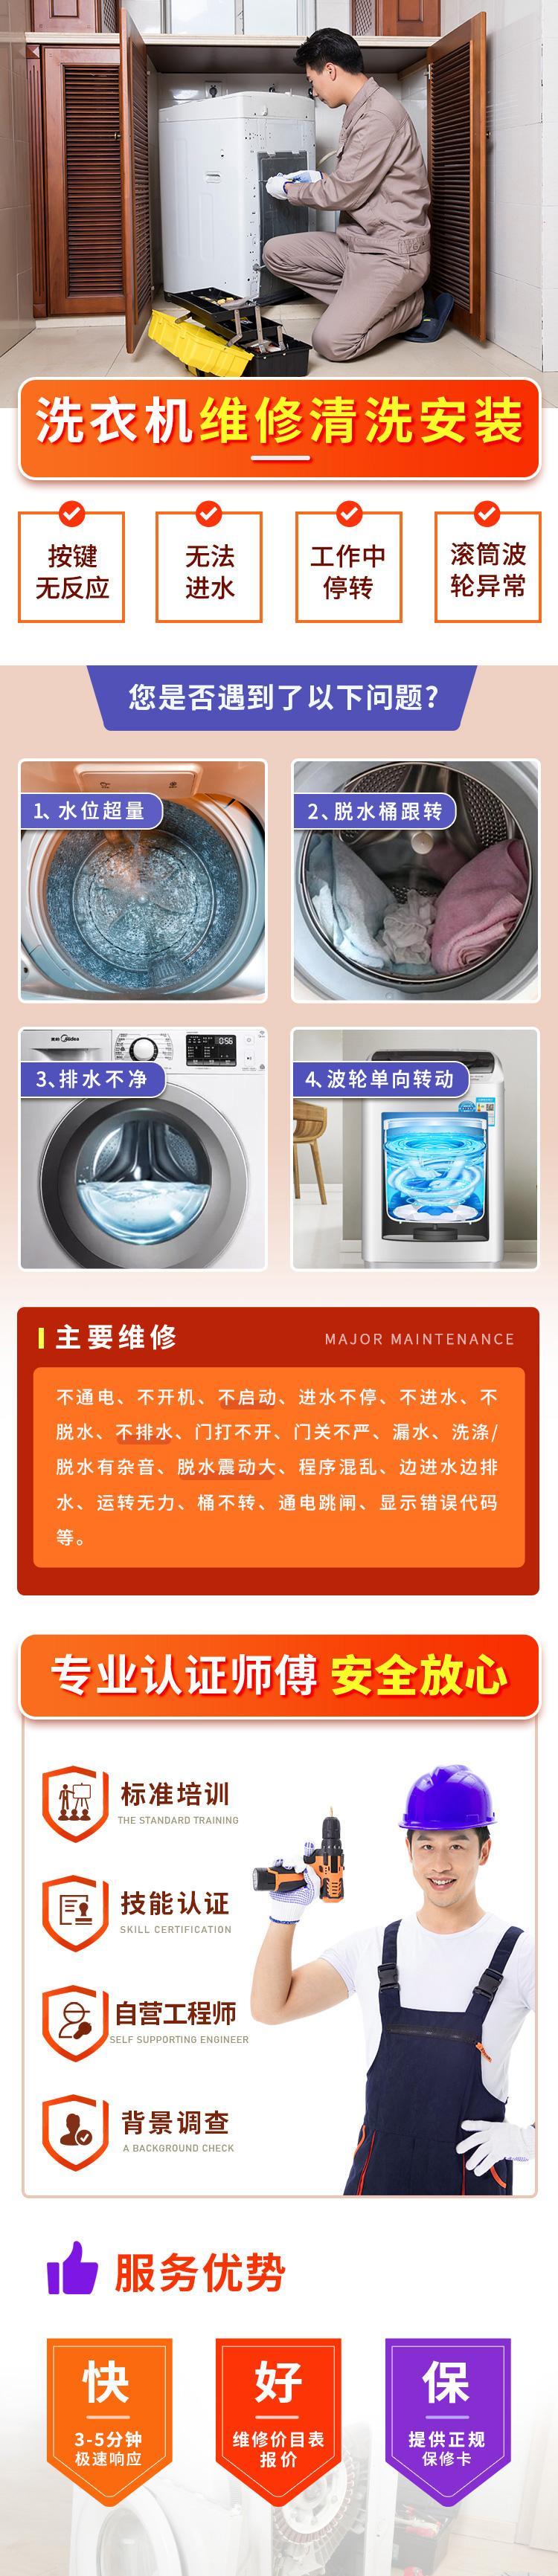 烘干一体洗衣机维修(10kg以上)